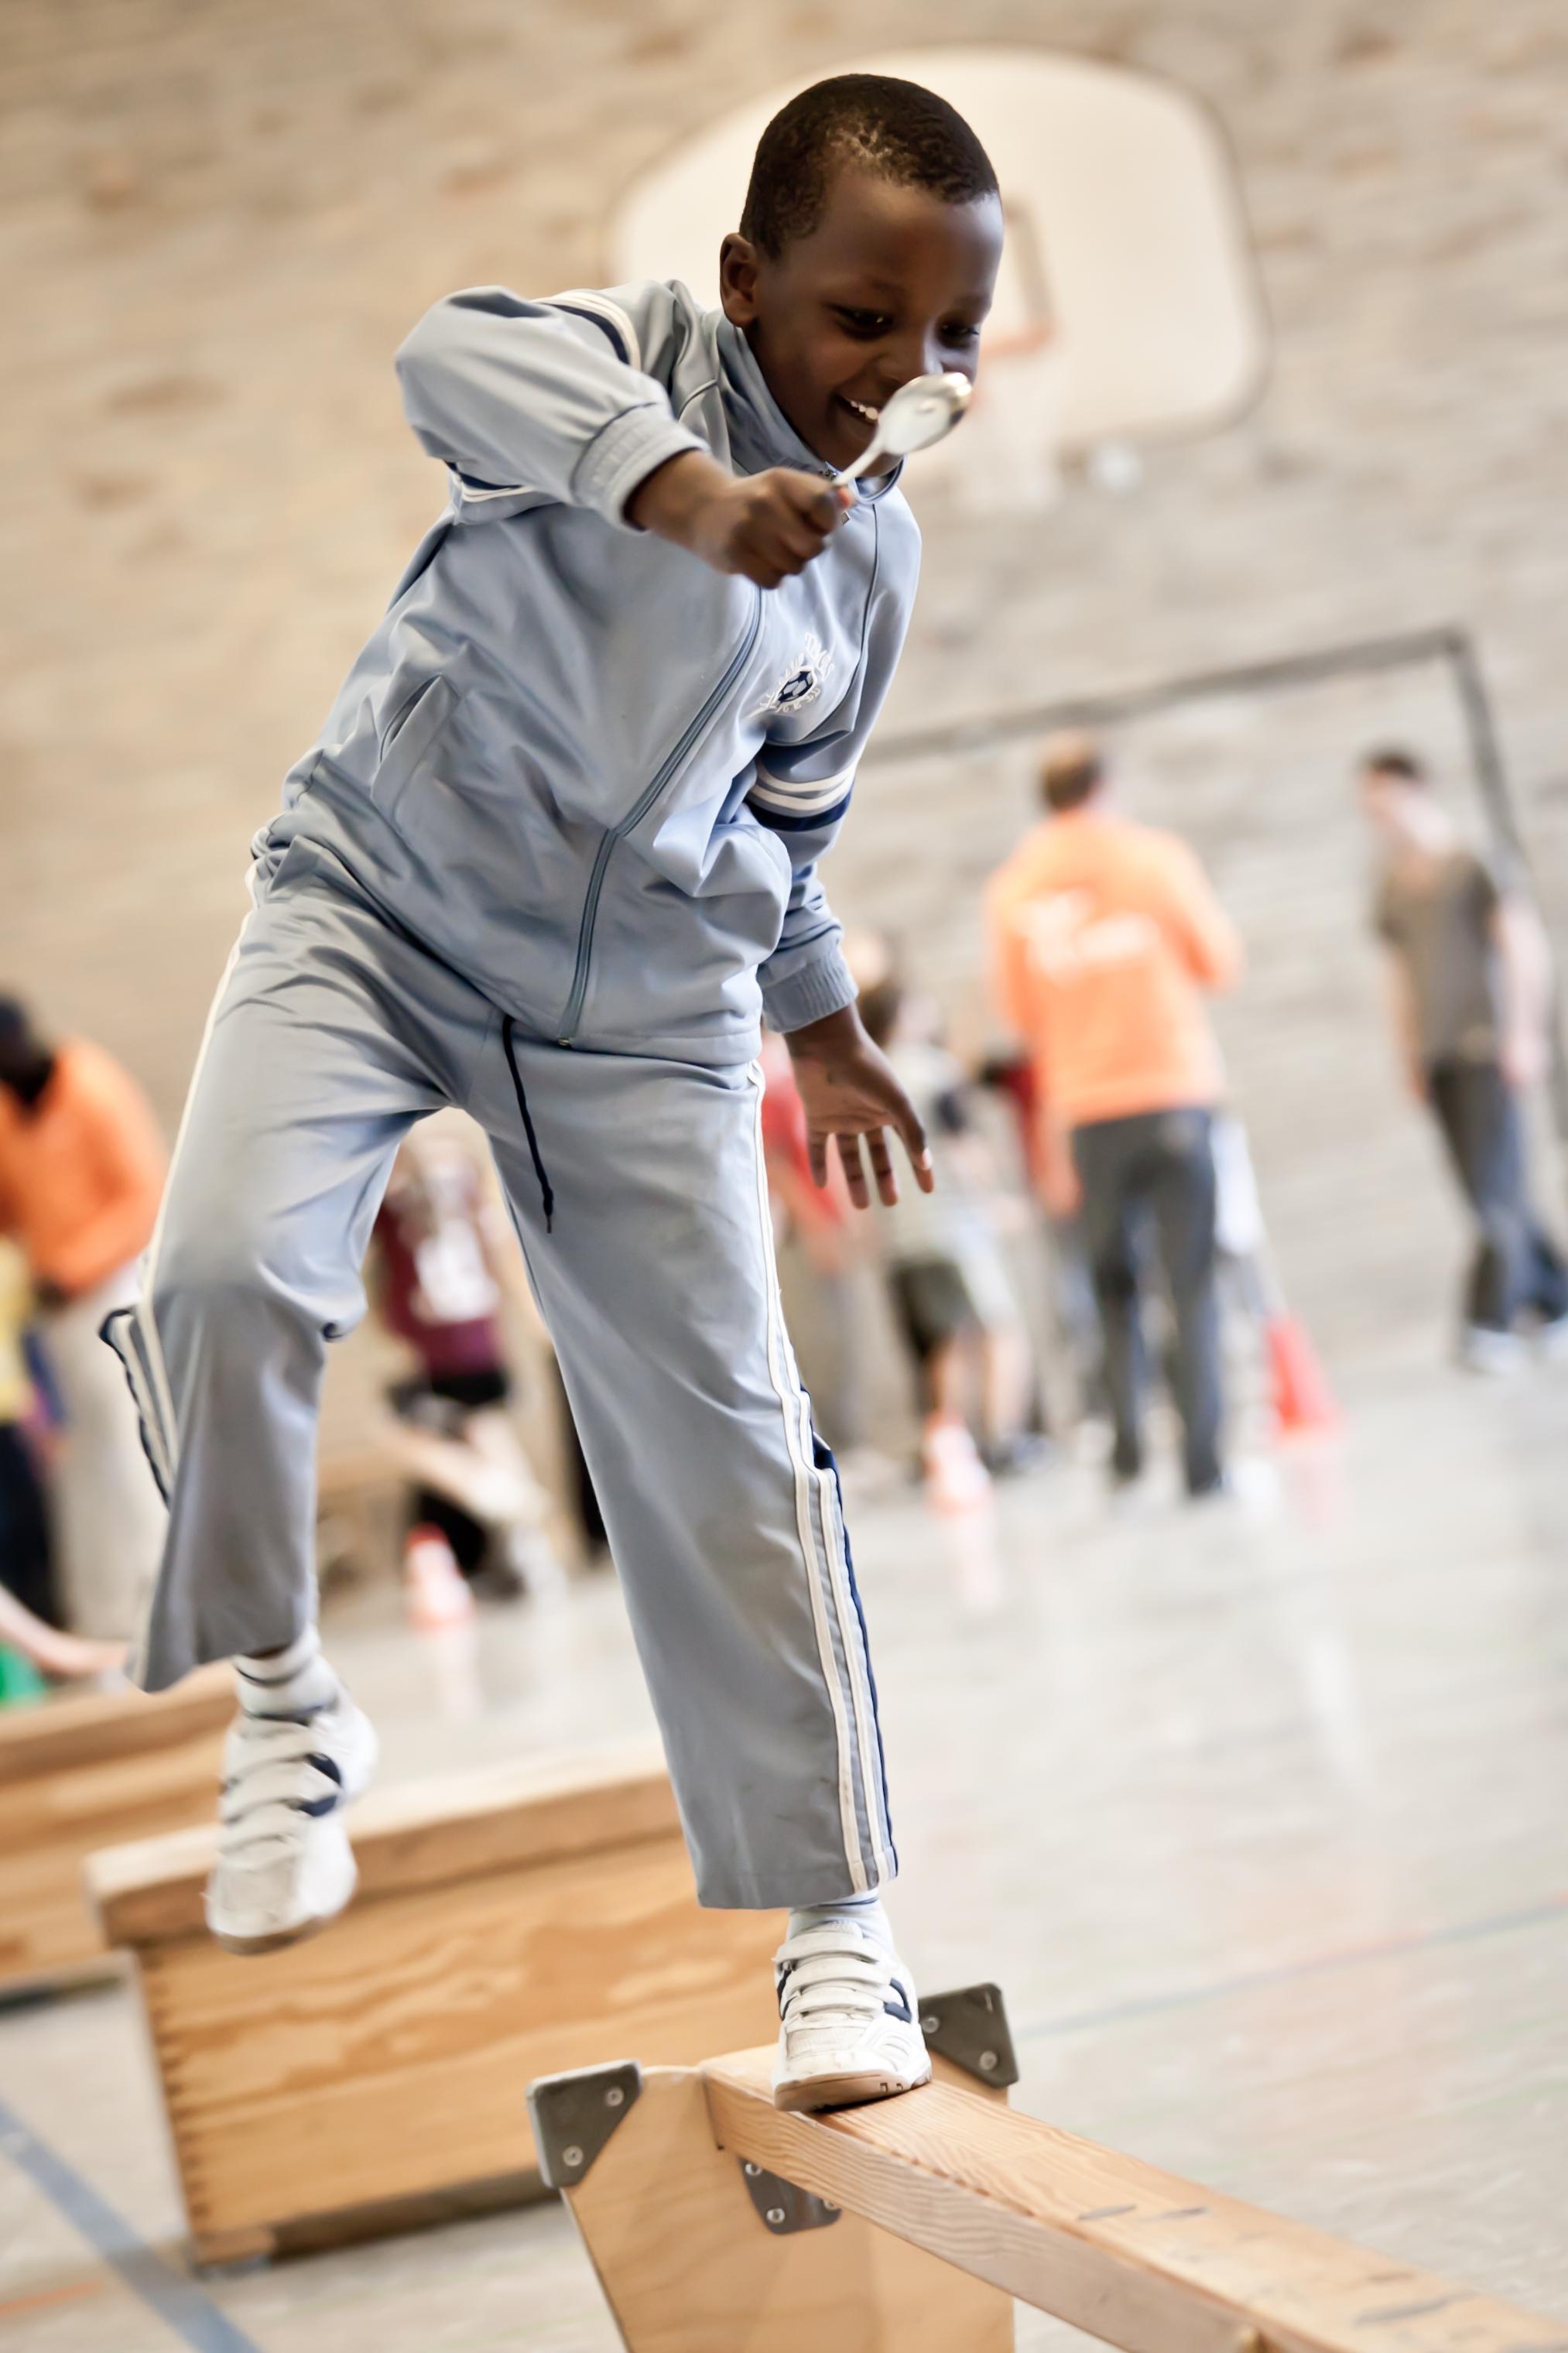 Unser Verein… - Der IcanDo e.V. wurde 2009 gegründet und verfolgt satzungsgemäß breiten- und gesundheitssportliche sowie sozialarbeiterische, integrative und präventive Ziele. Zu diesem Zweck und um junge Menschen zu fördern verbinden wir in unseren Projekten gezielt Spiel, Sport und Bewegung mit sozialpädagogischem Know How.Hier erfahren Sie mehr über IcanDo…Leitbild & Vision Mehr Infos…Unser Team Mehr Infos…Unsere Förderer & Partner Mehr Infos …IcanDo ist 'Stützpunkt Verein' Mehr Infos …Auszeichnungen Mehr Infos …Transparenz Mehr Infos …Presse Mehr Info